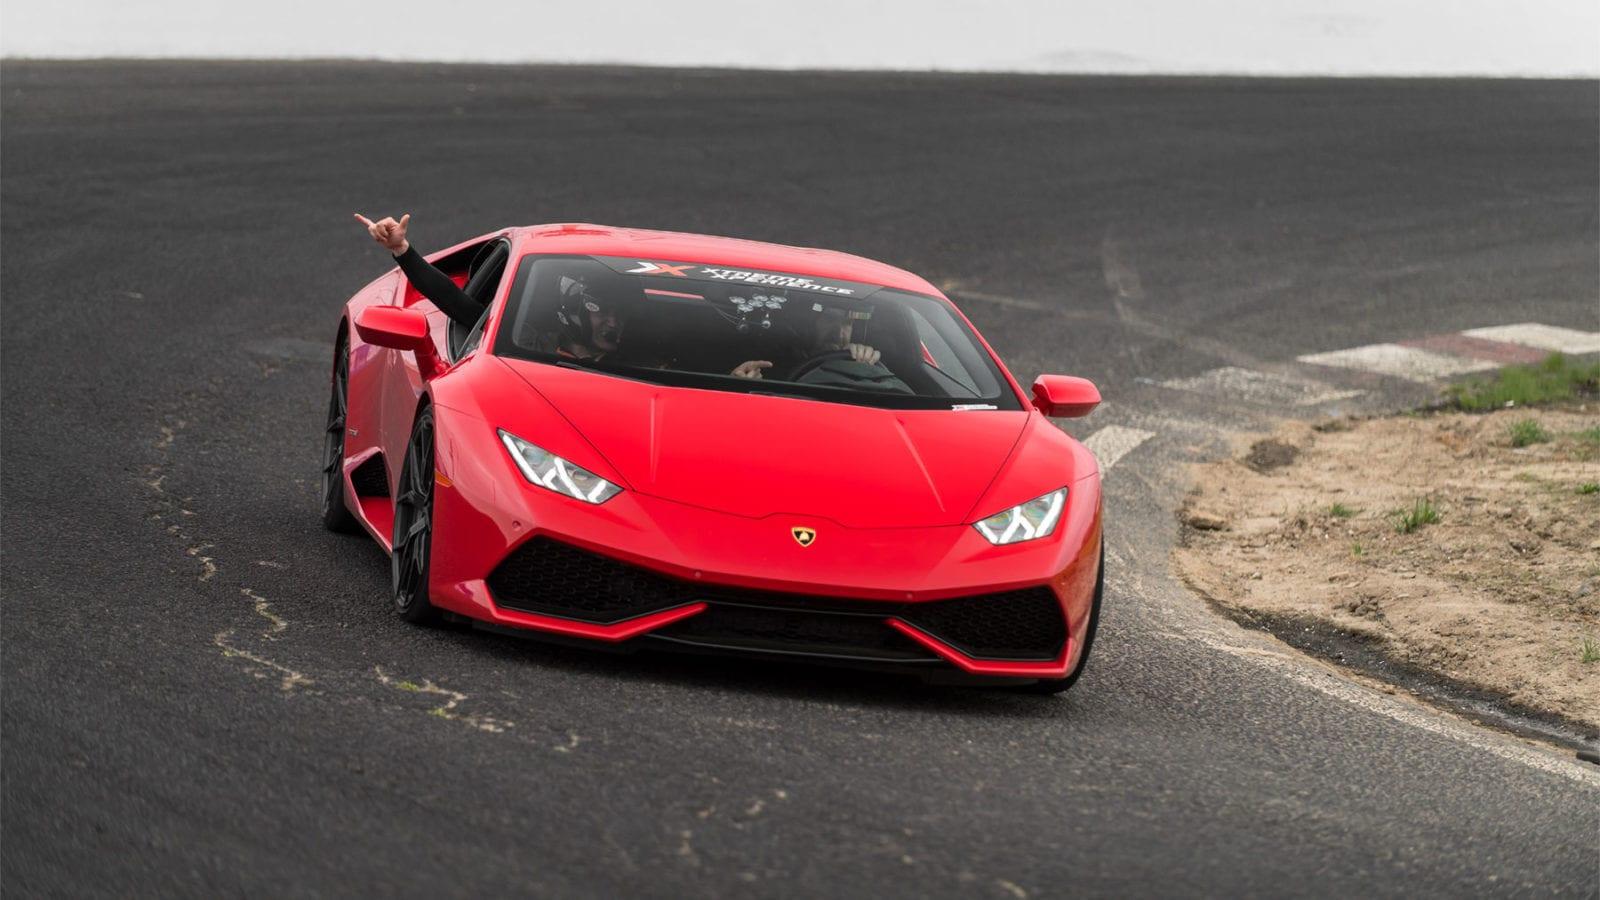 Lamborghini Huracan in red on racetrack